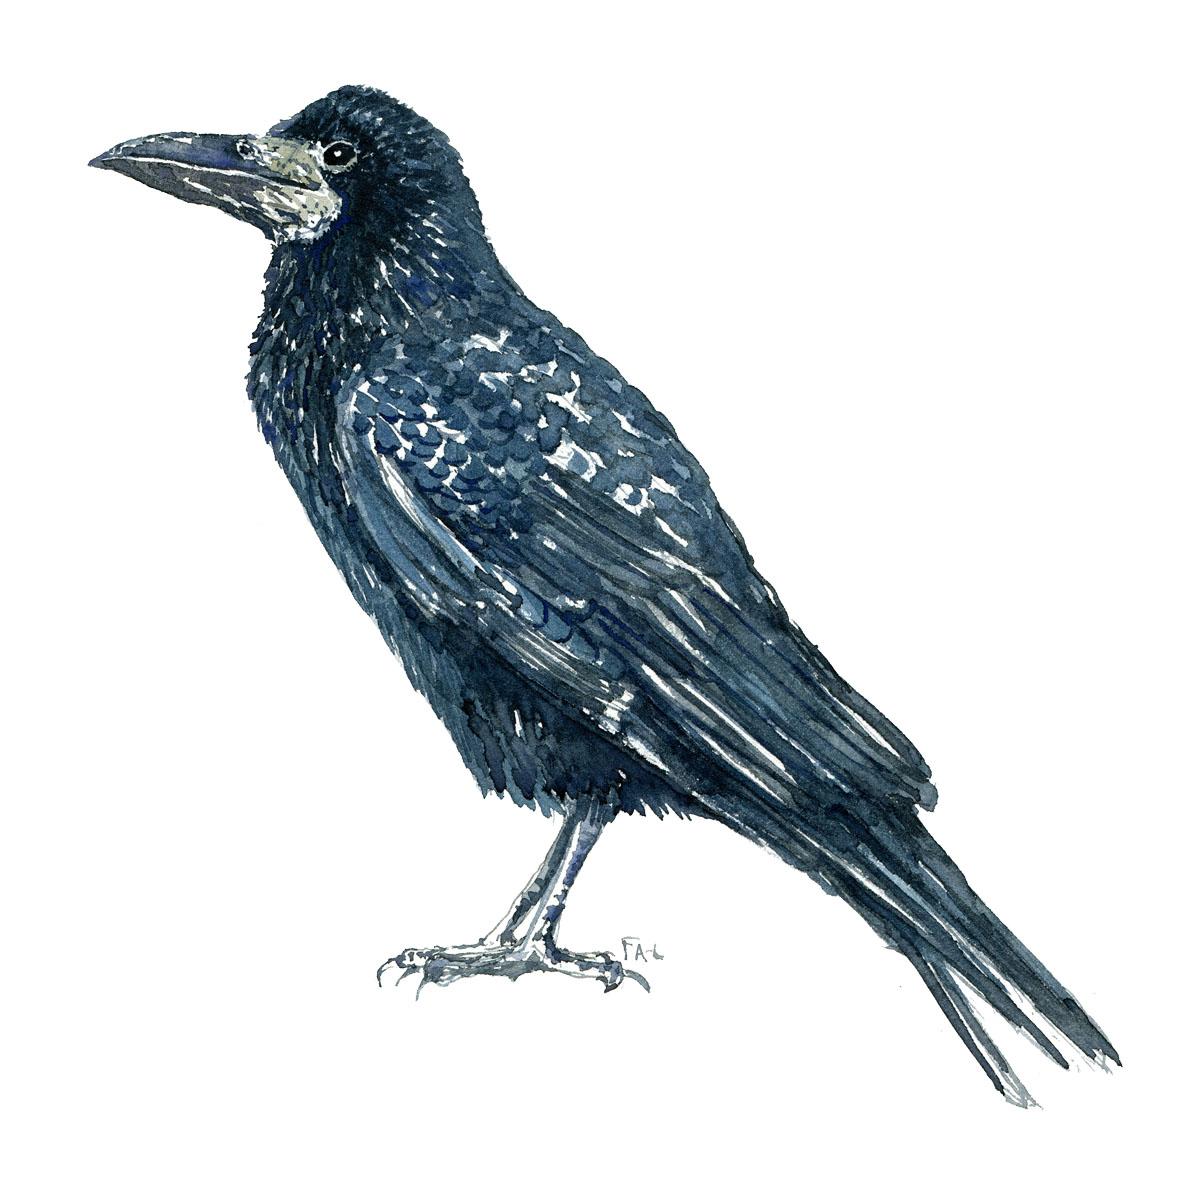 Dw00199 Raage - Rook Bird watercolor. Akvarel af Frits Ahlefeldt